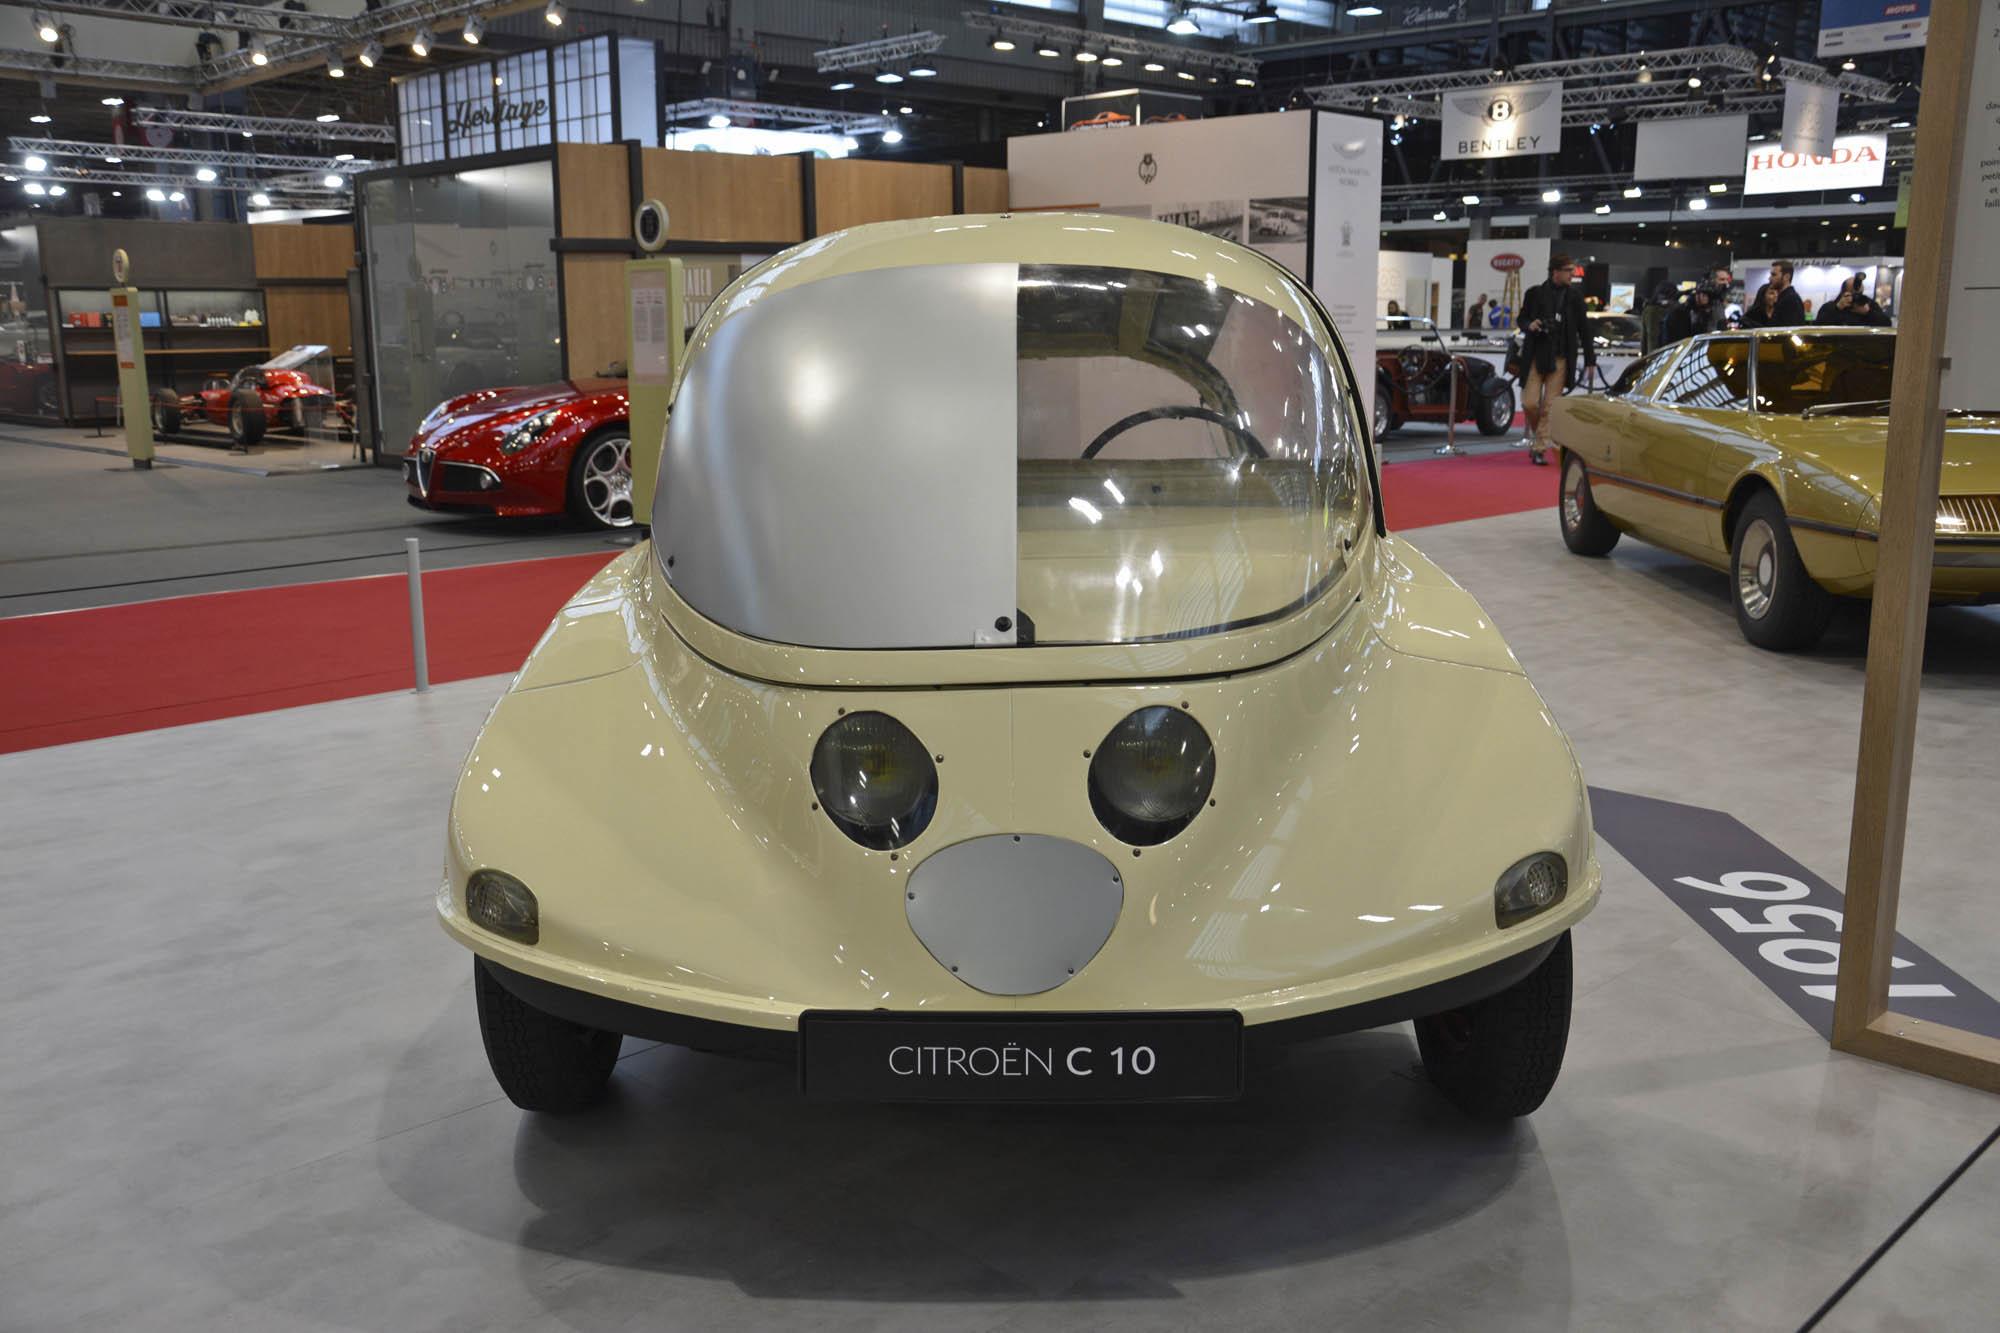 Citroën C10 front